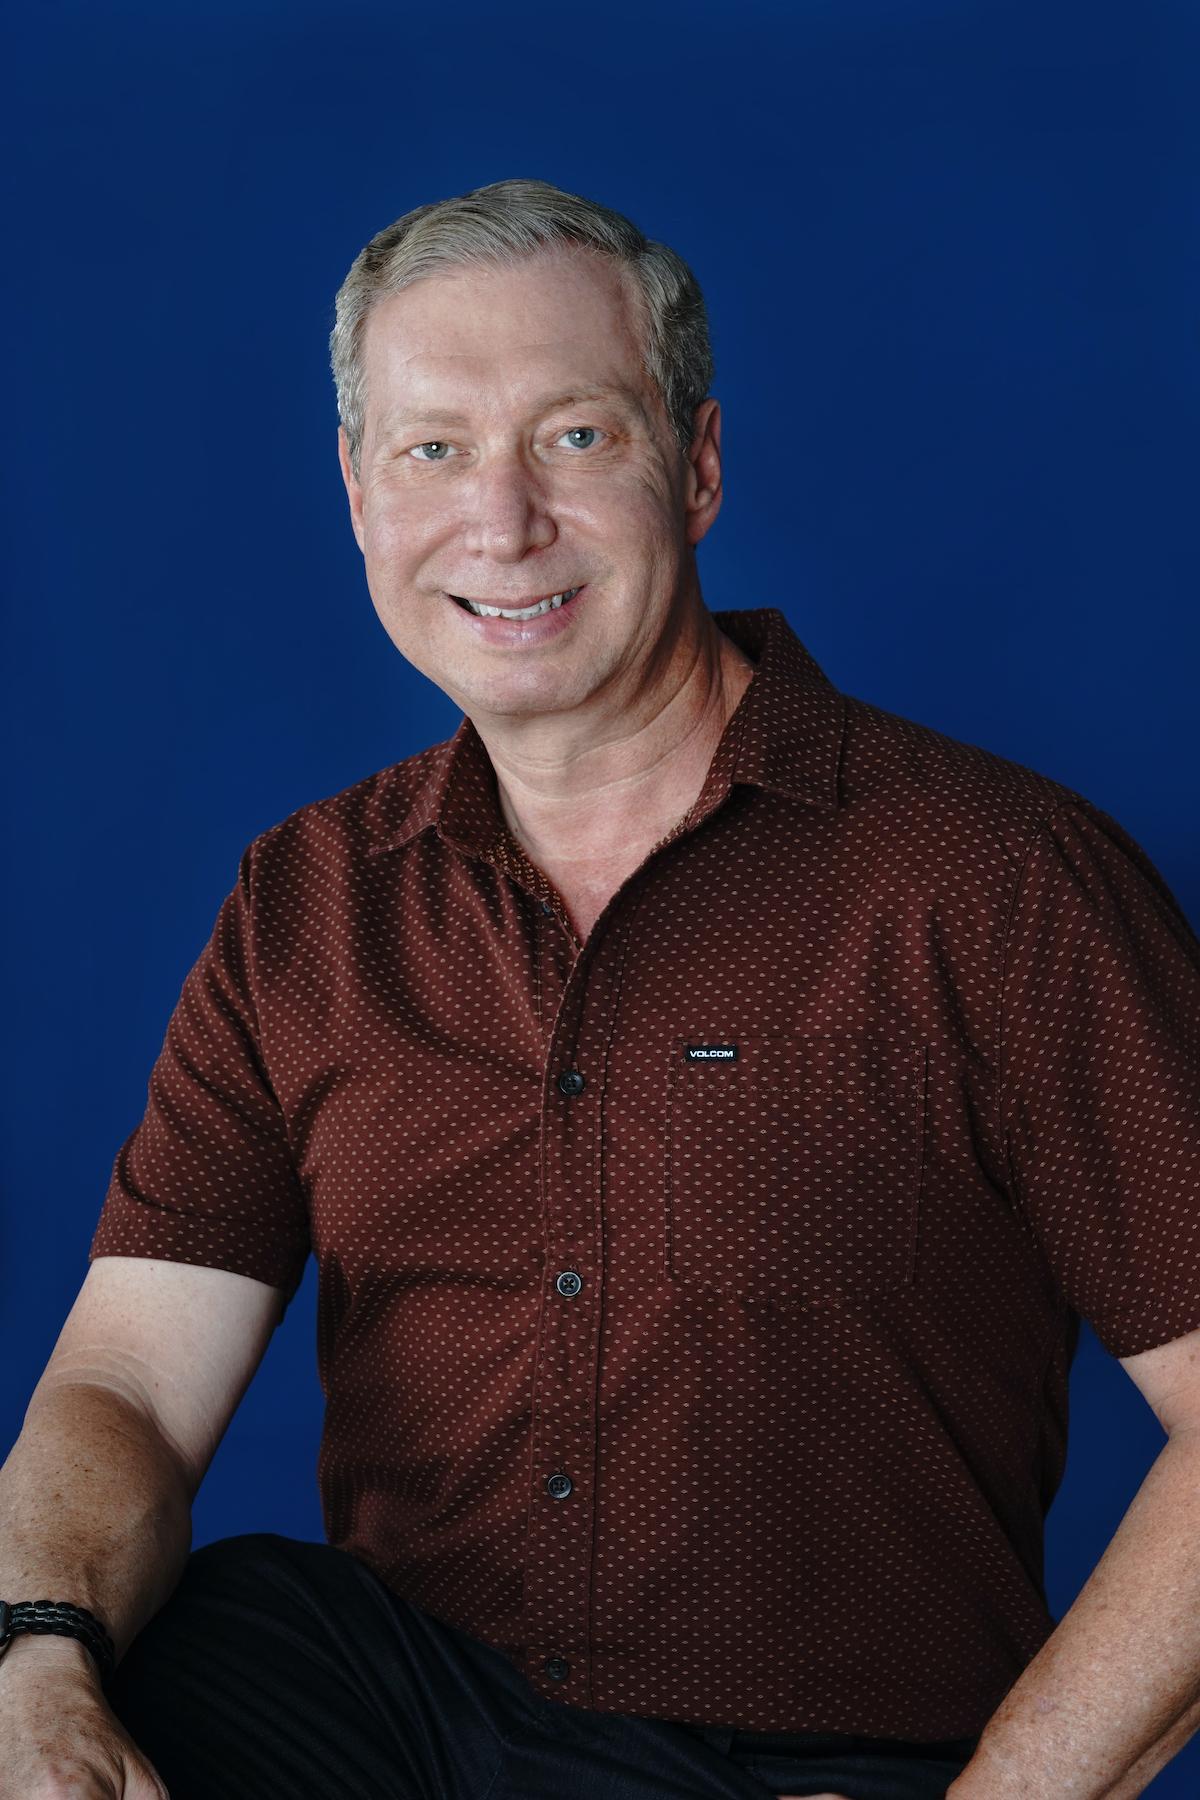 Michael L. Paule